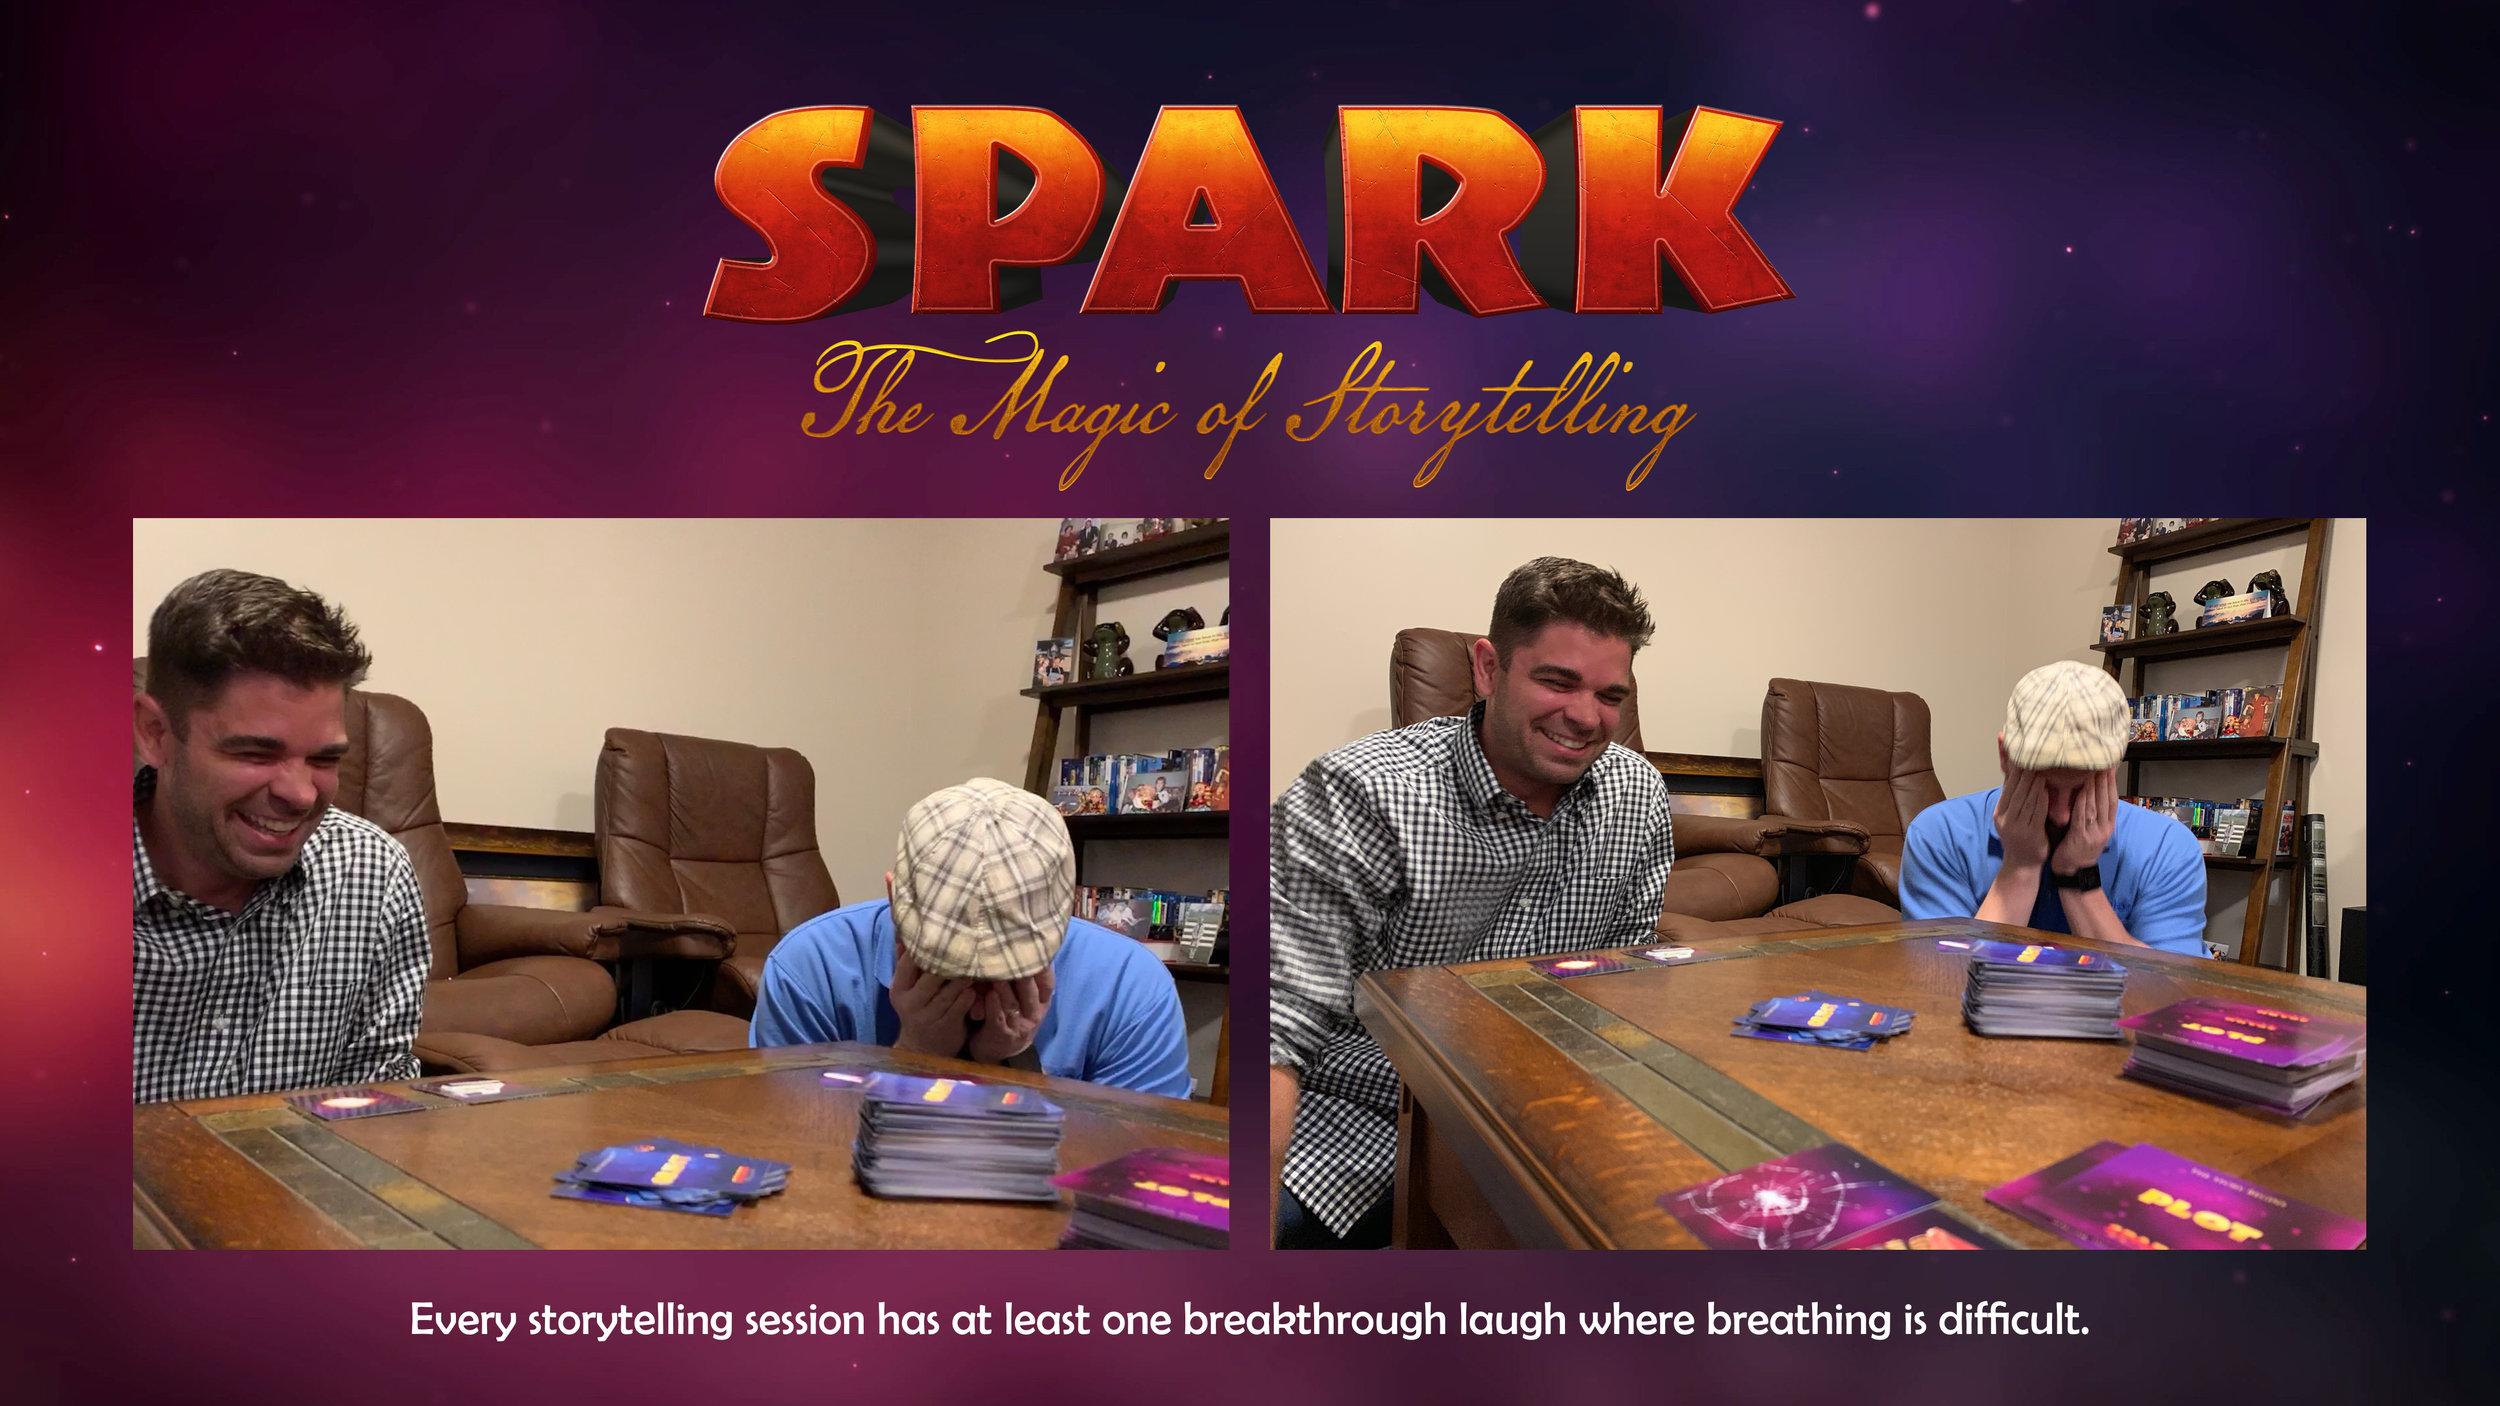 SPARK_First-Time Storyteller.jpg